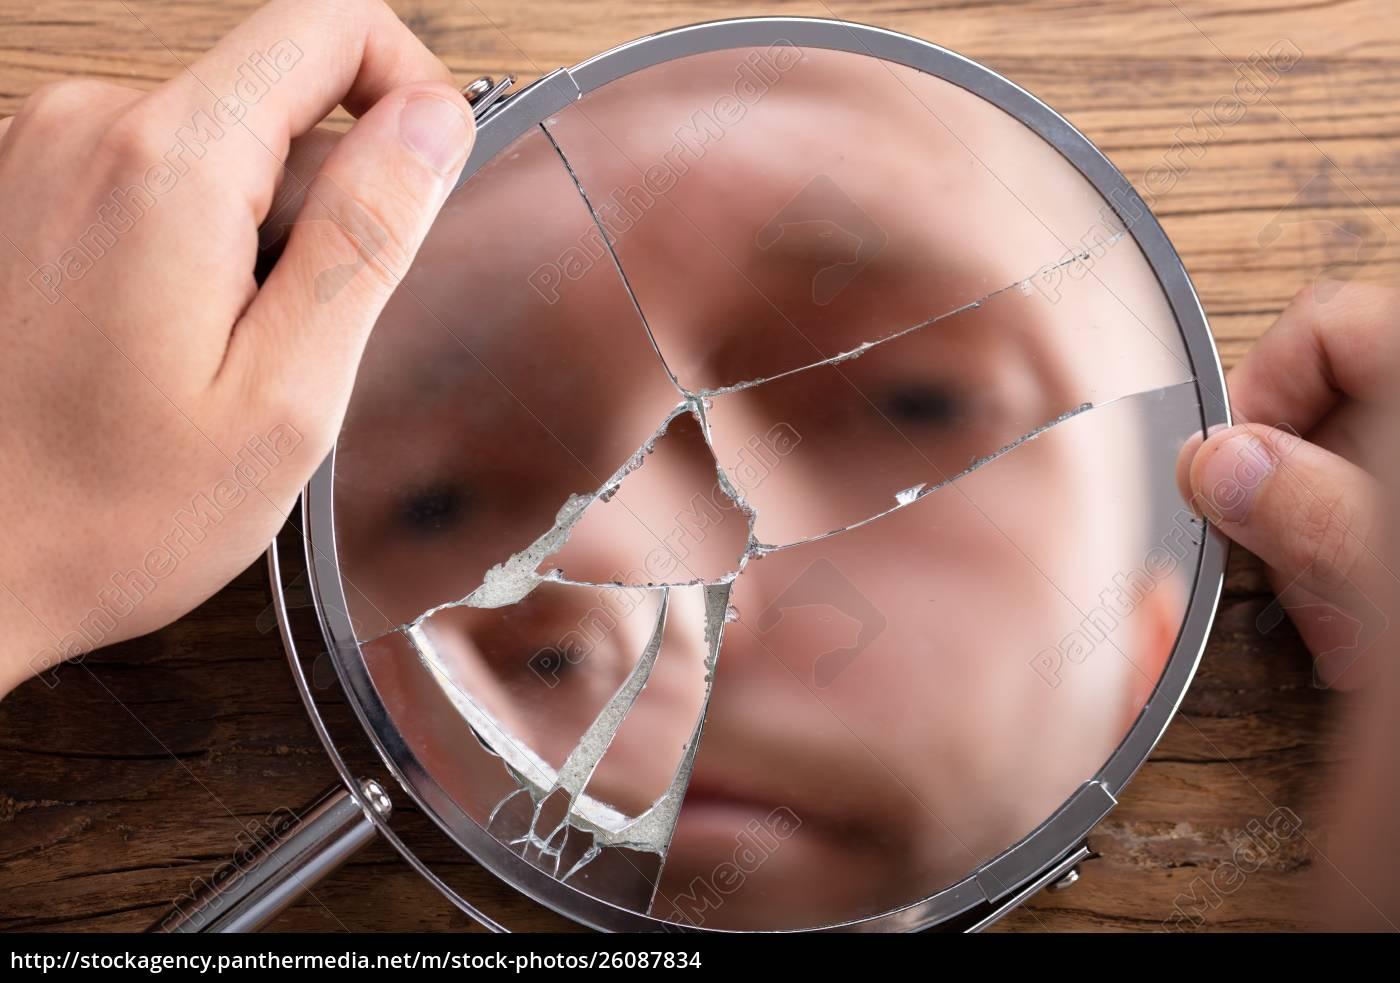 volto, dell'uomo, nello, specchio, rotto - 26087834